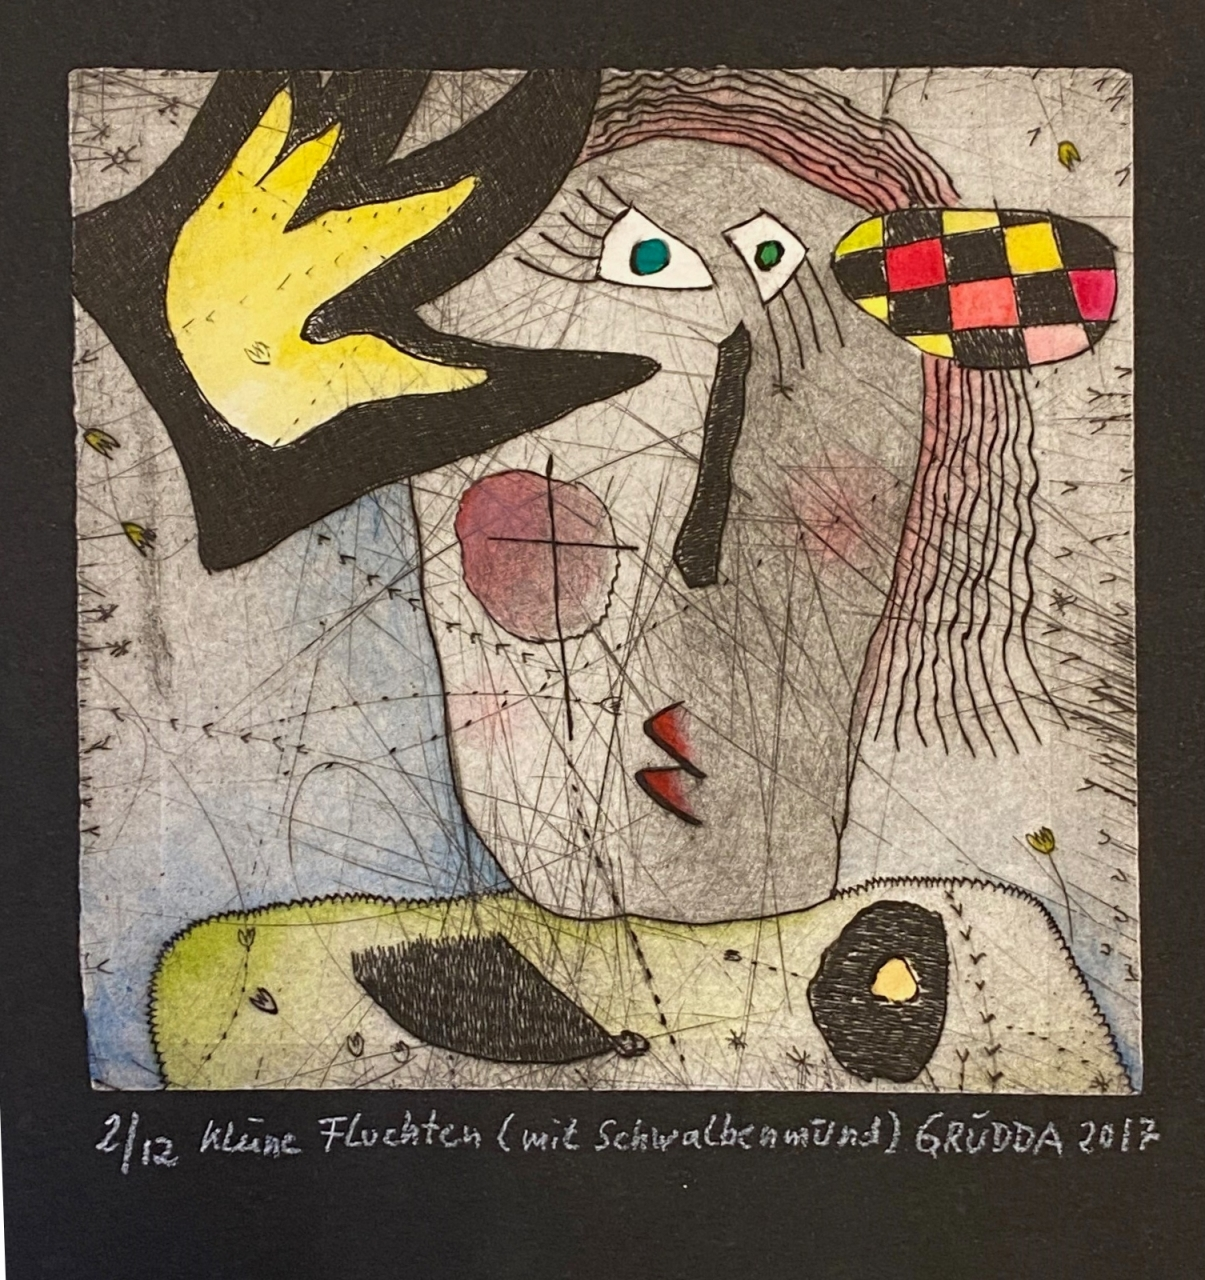 Kleine Fluchten I (mit Schwalbenmund) 2/12